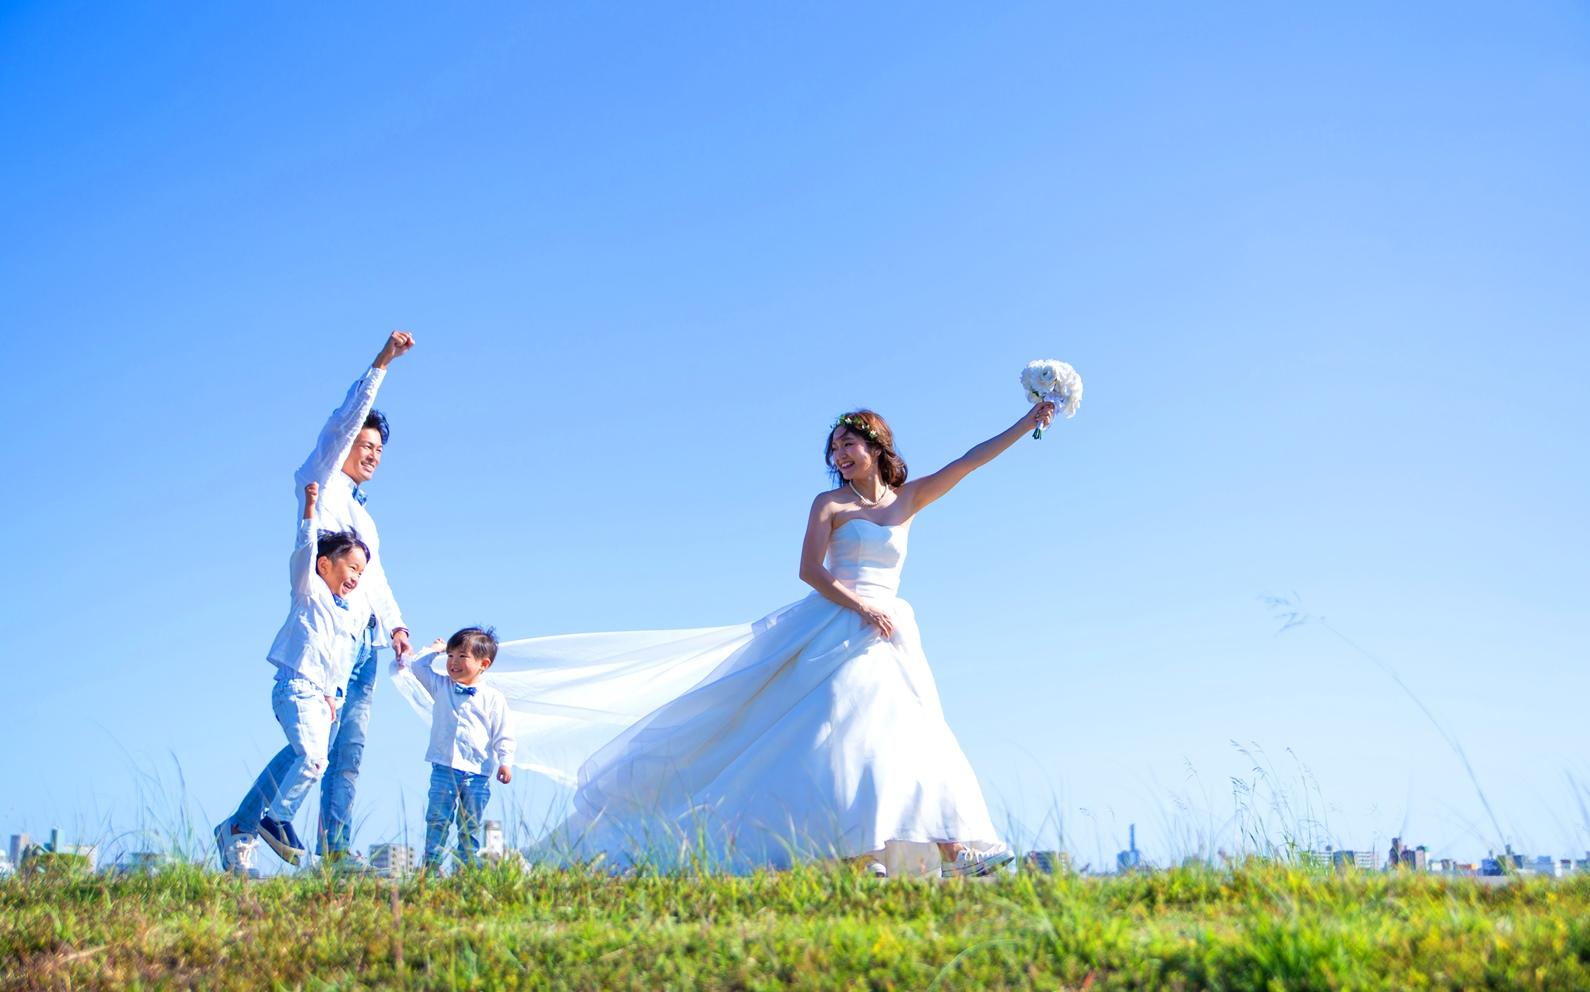 結婚10周年に撮ったファミリーフォト♡